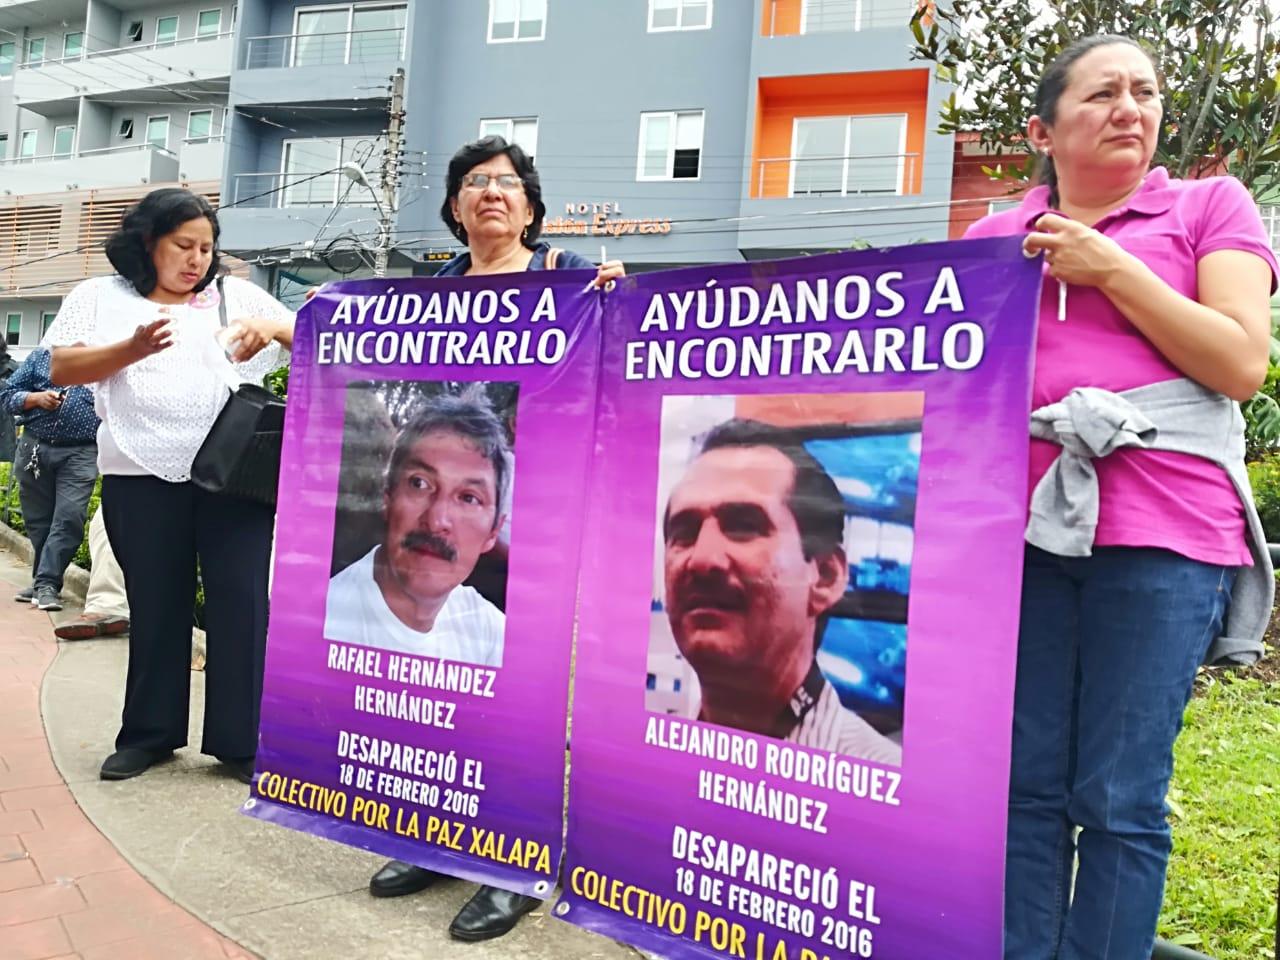 Congreso retrasa Ley de Desaparición Forzada, como lo predijeron colectivos